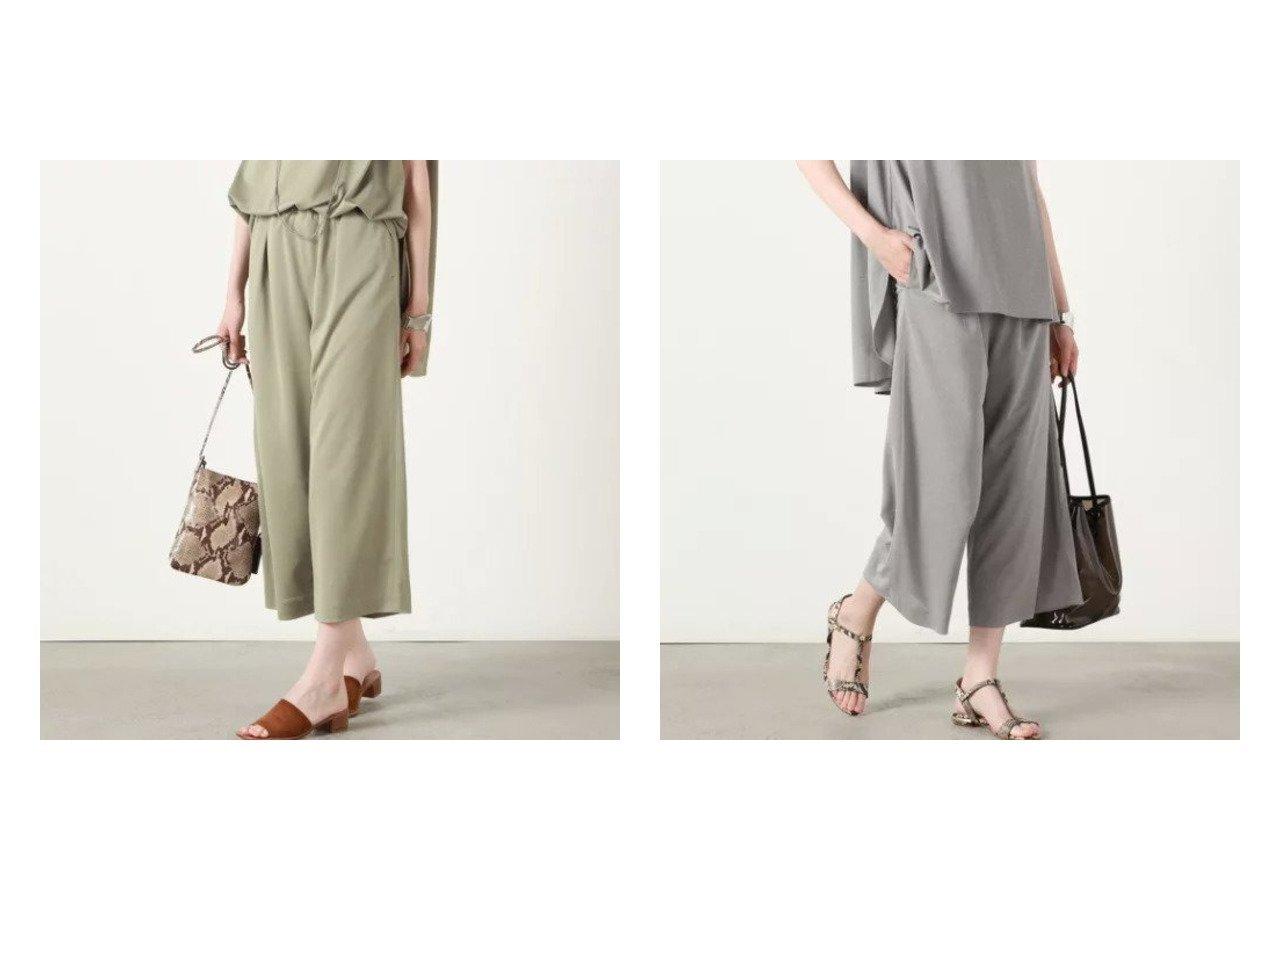 【NOLLEY'S/ノーリーズ】の【WEB限定】ハイゲージジャージーセットアップイージーパンツ 【パンツ】おすすめ!人気、トレンド・レディースファッションの通販 おすすめで人気の流行・トレンド、ファッションの通販商品 インテリア・家具・メンズファッション・キッズファッション・レディースファッション・服の通販 founy(ファニー) https://founy.com/ ファッション Fashion レディースファッション WOMEN セットアップ Setup パンツ Pants おすすめ Recommend クロップド シューズ ジャージ セットアップ リラックス ワイド 夏 Summer |ID:crp329100000057979